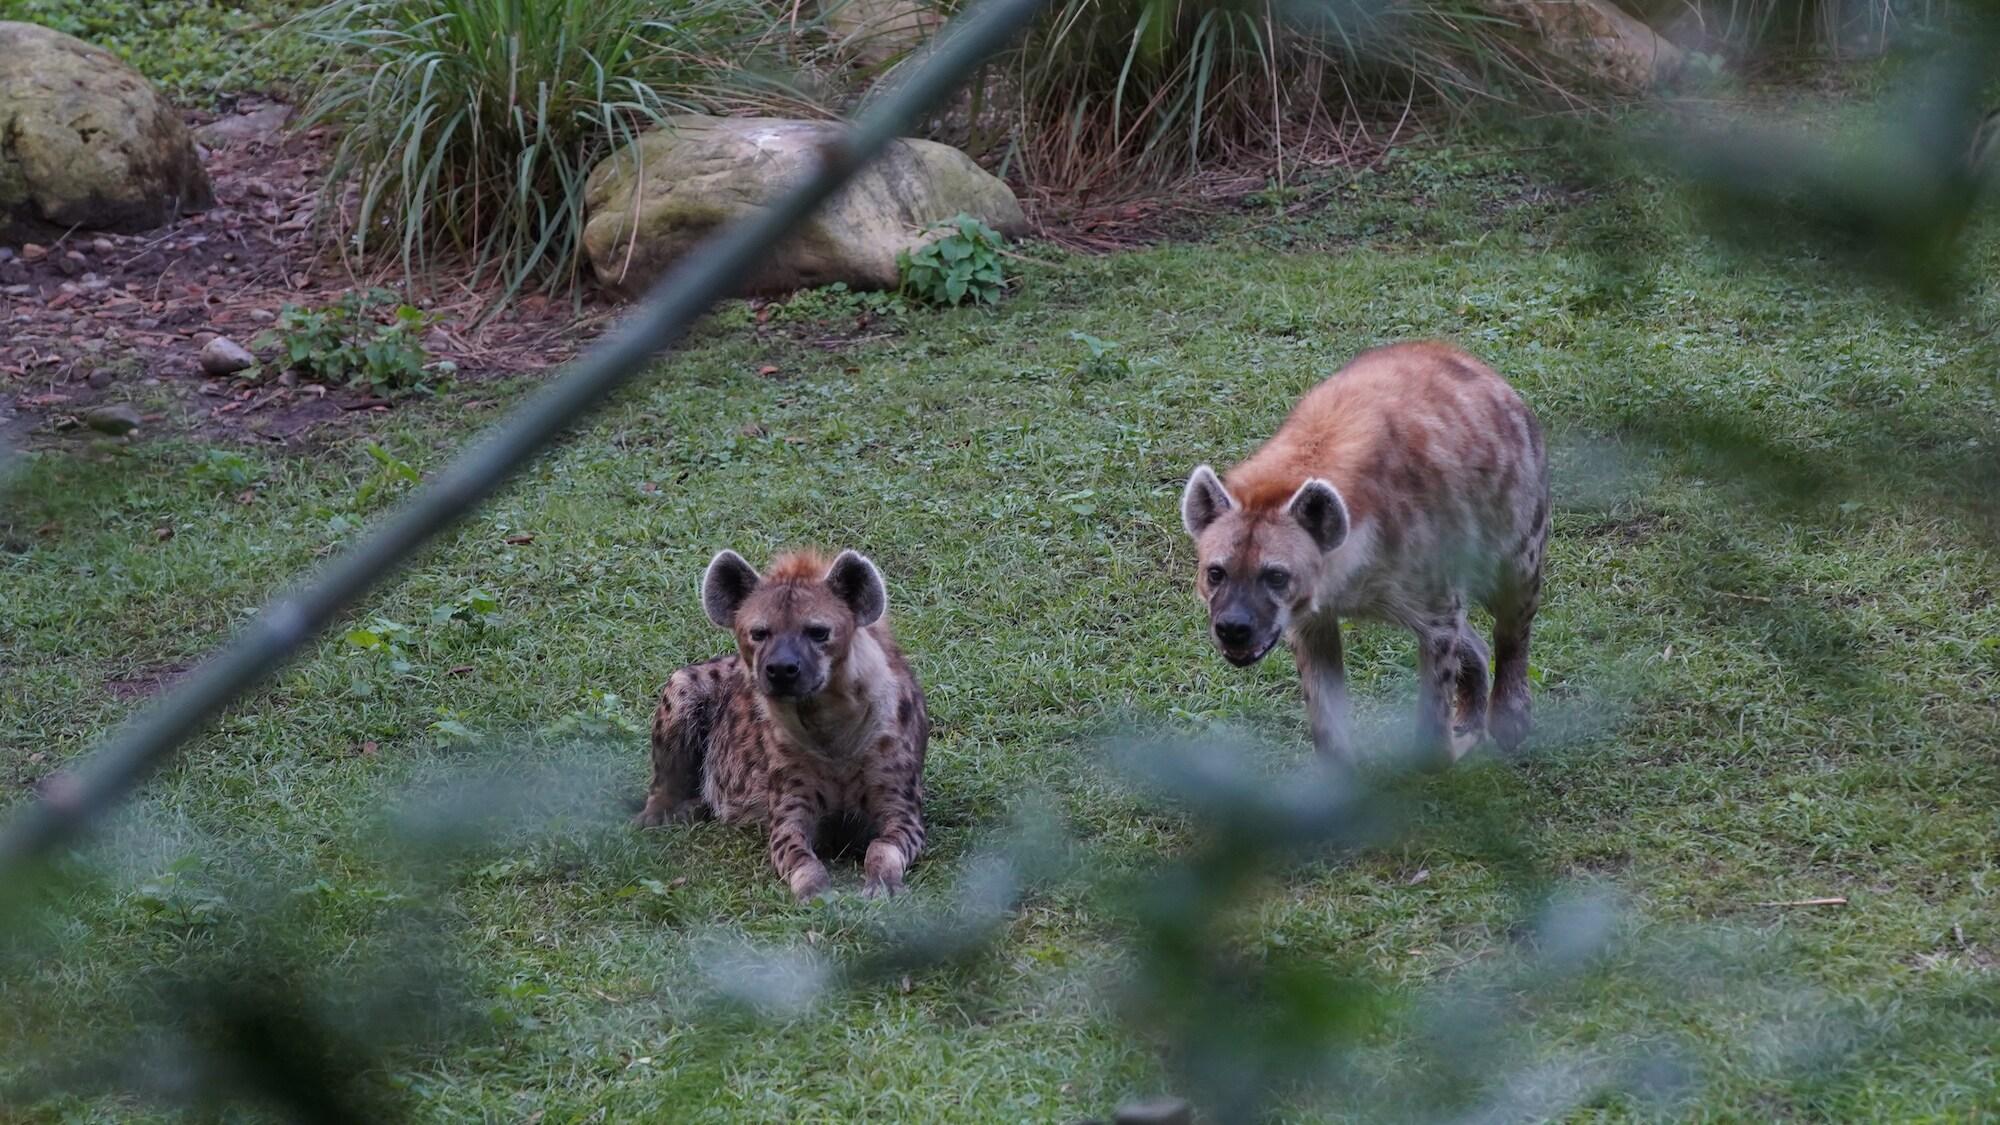 Spotted hyenas on the Kilimanjaro Safari. (Disney)